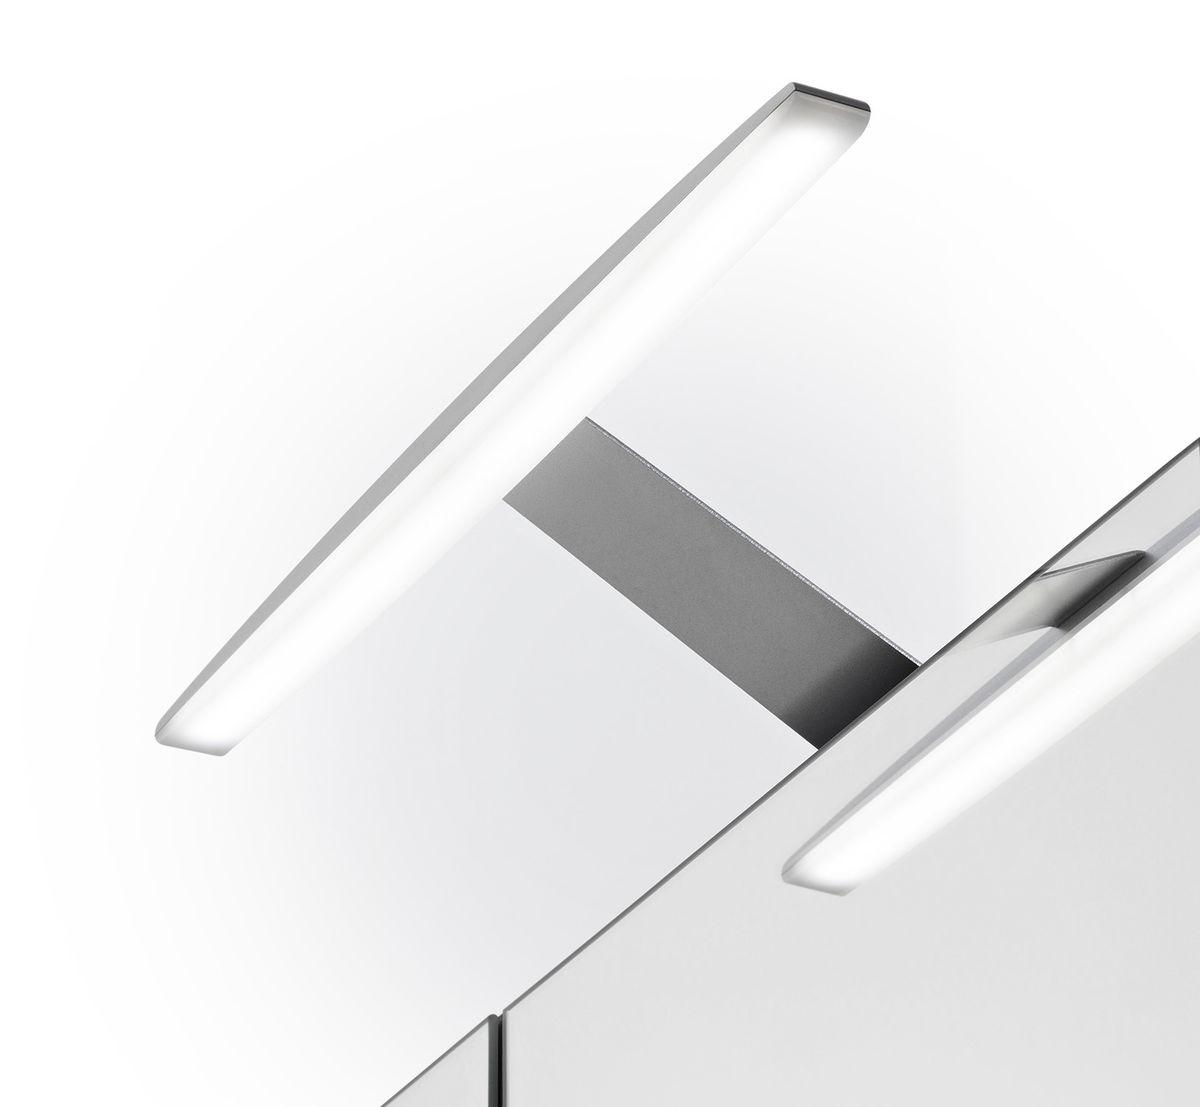 Galdem Spiegelschrank Elegance 70 cm mit Steckdose Weiß – Bild 4